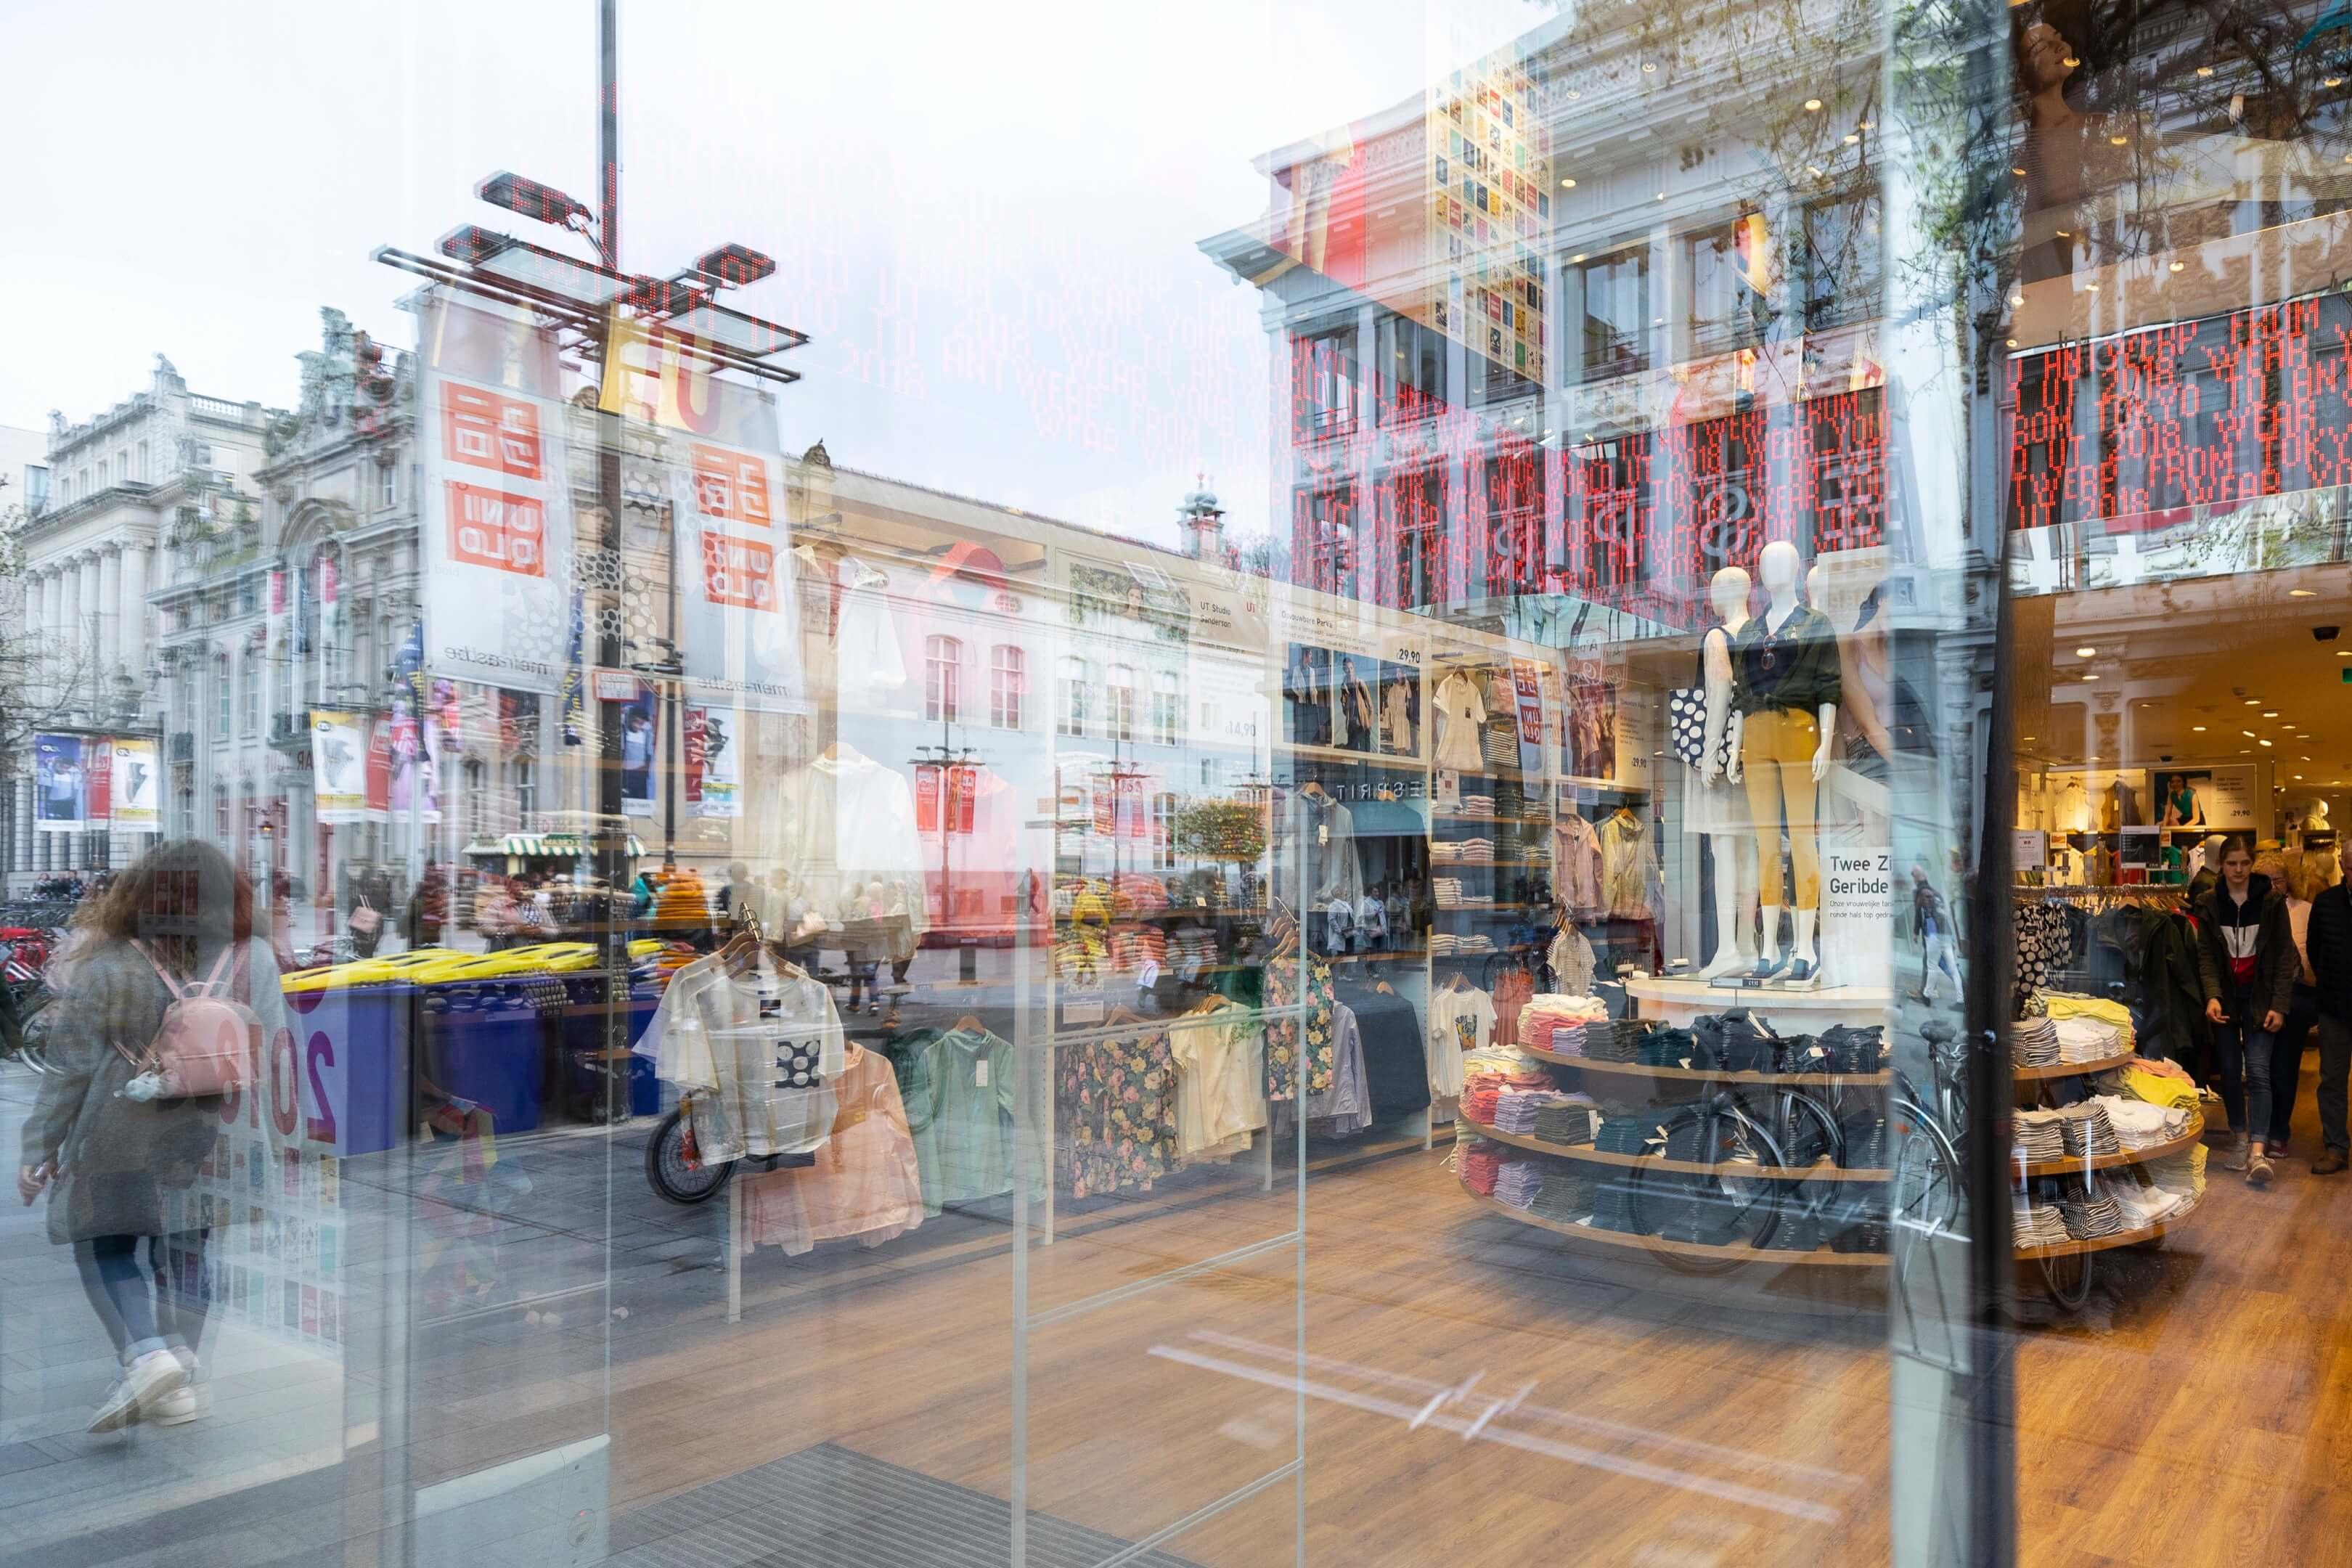 boek Circles of retail Boom beroepsonderwijs Sarphati Jurjen Poeles fotografie reportage retailconcept winkel shopping winkelen Uniqlo Meir Antwerpen België